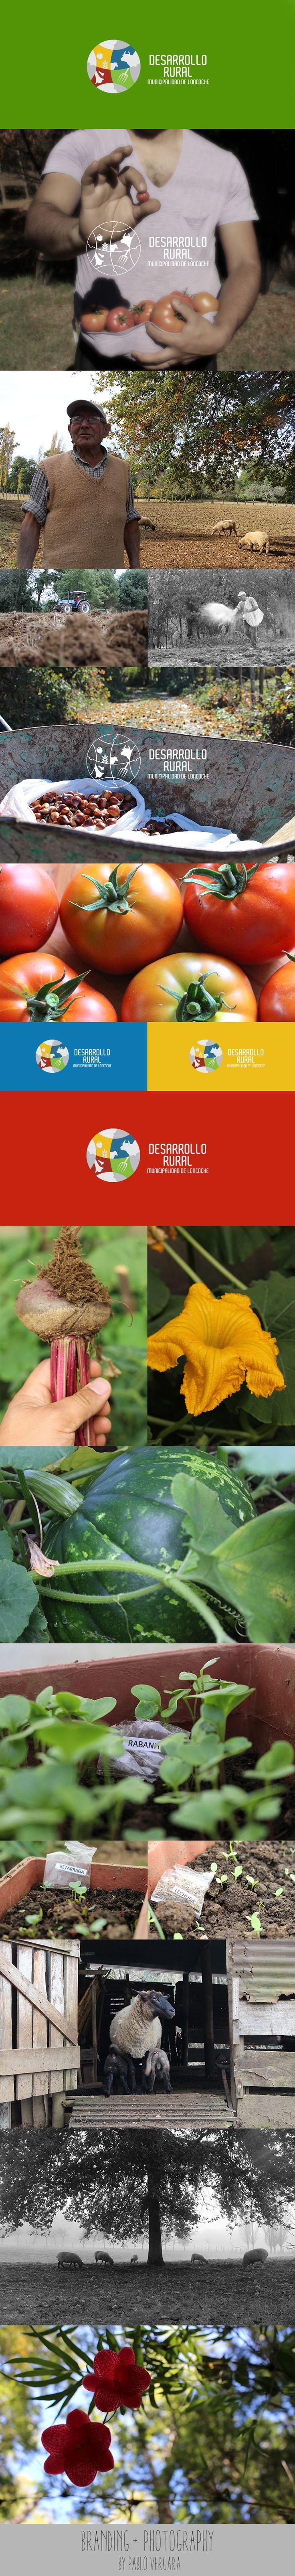 Desarrollo Rural, Loncoche - Branding + Photography by Pablo Vergara - 2015